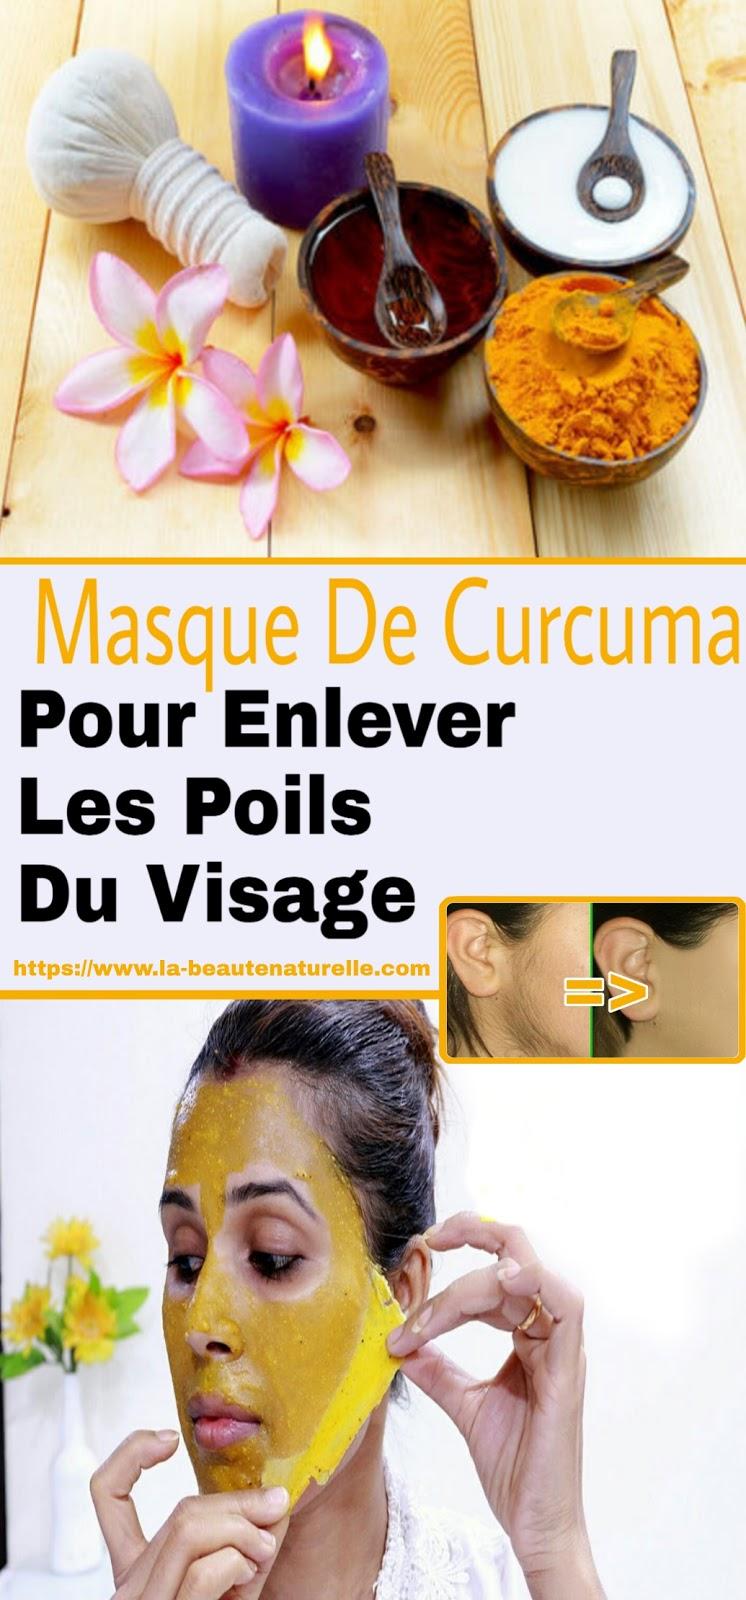 Masque De Curcuma Pour Enlever Les Poils Du Visage